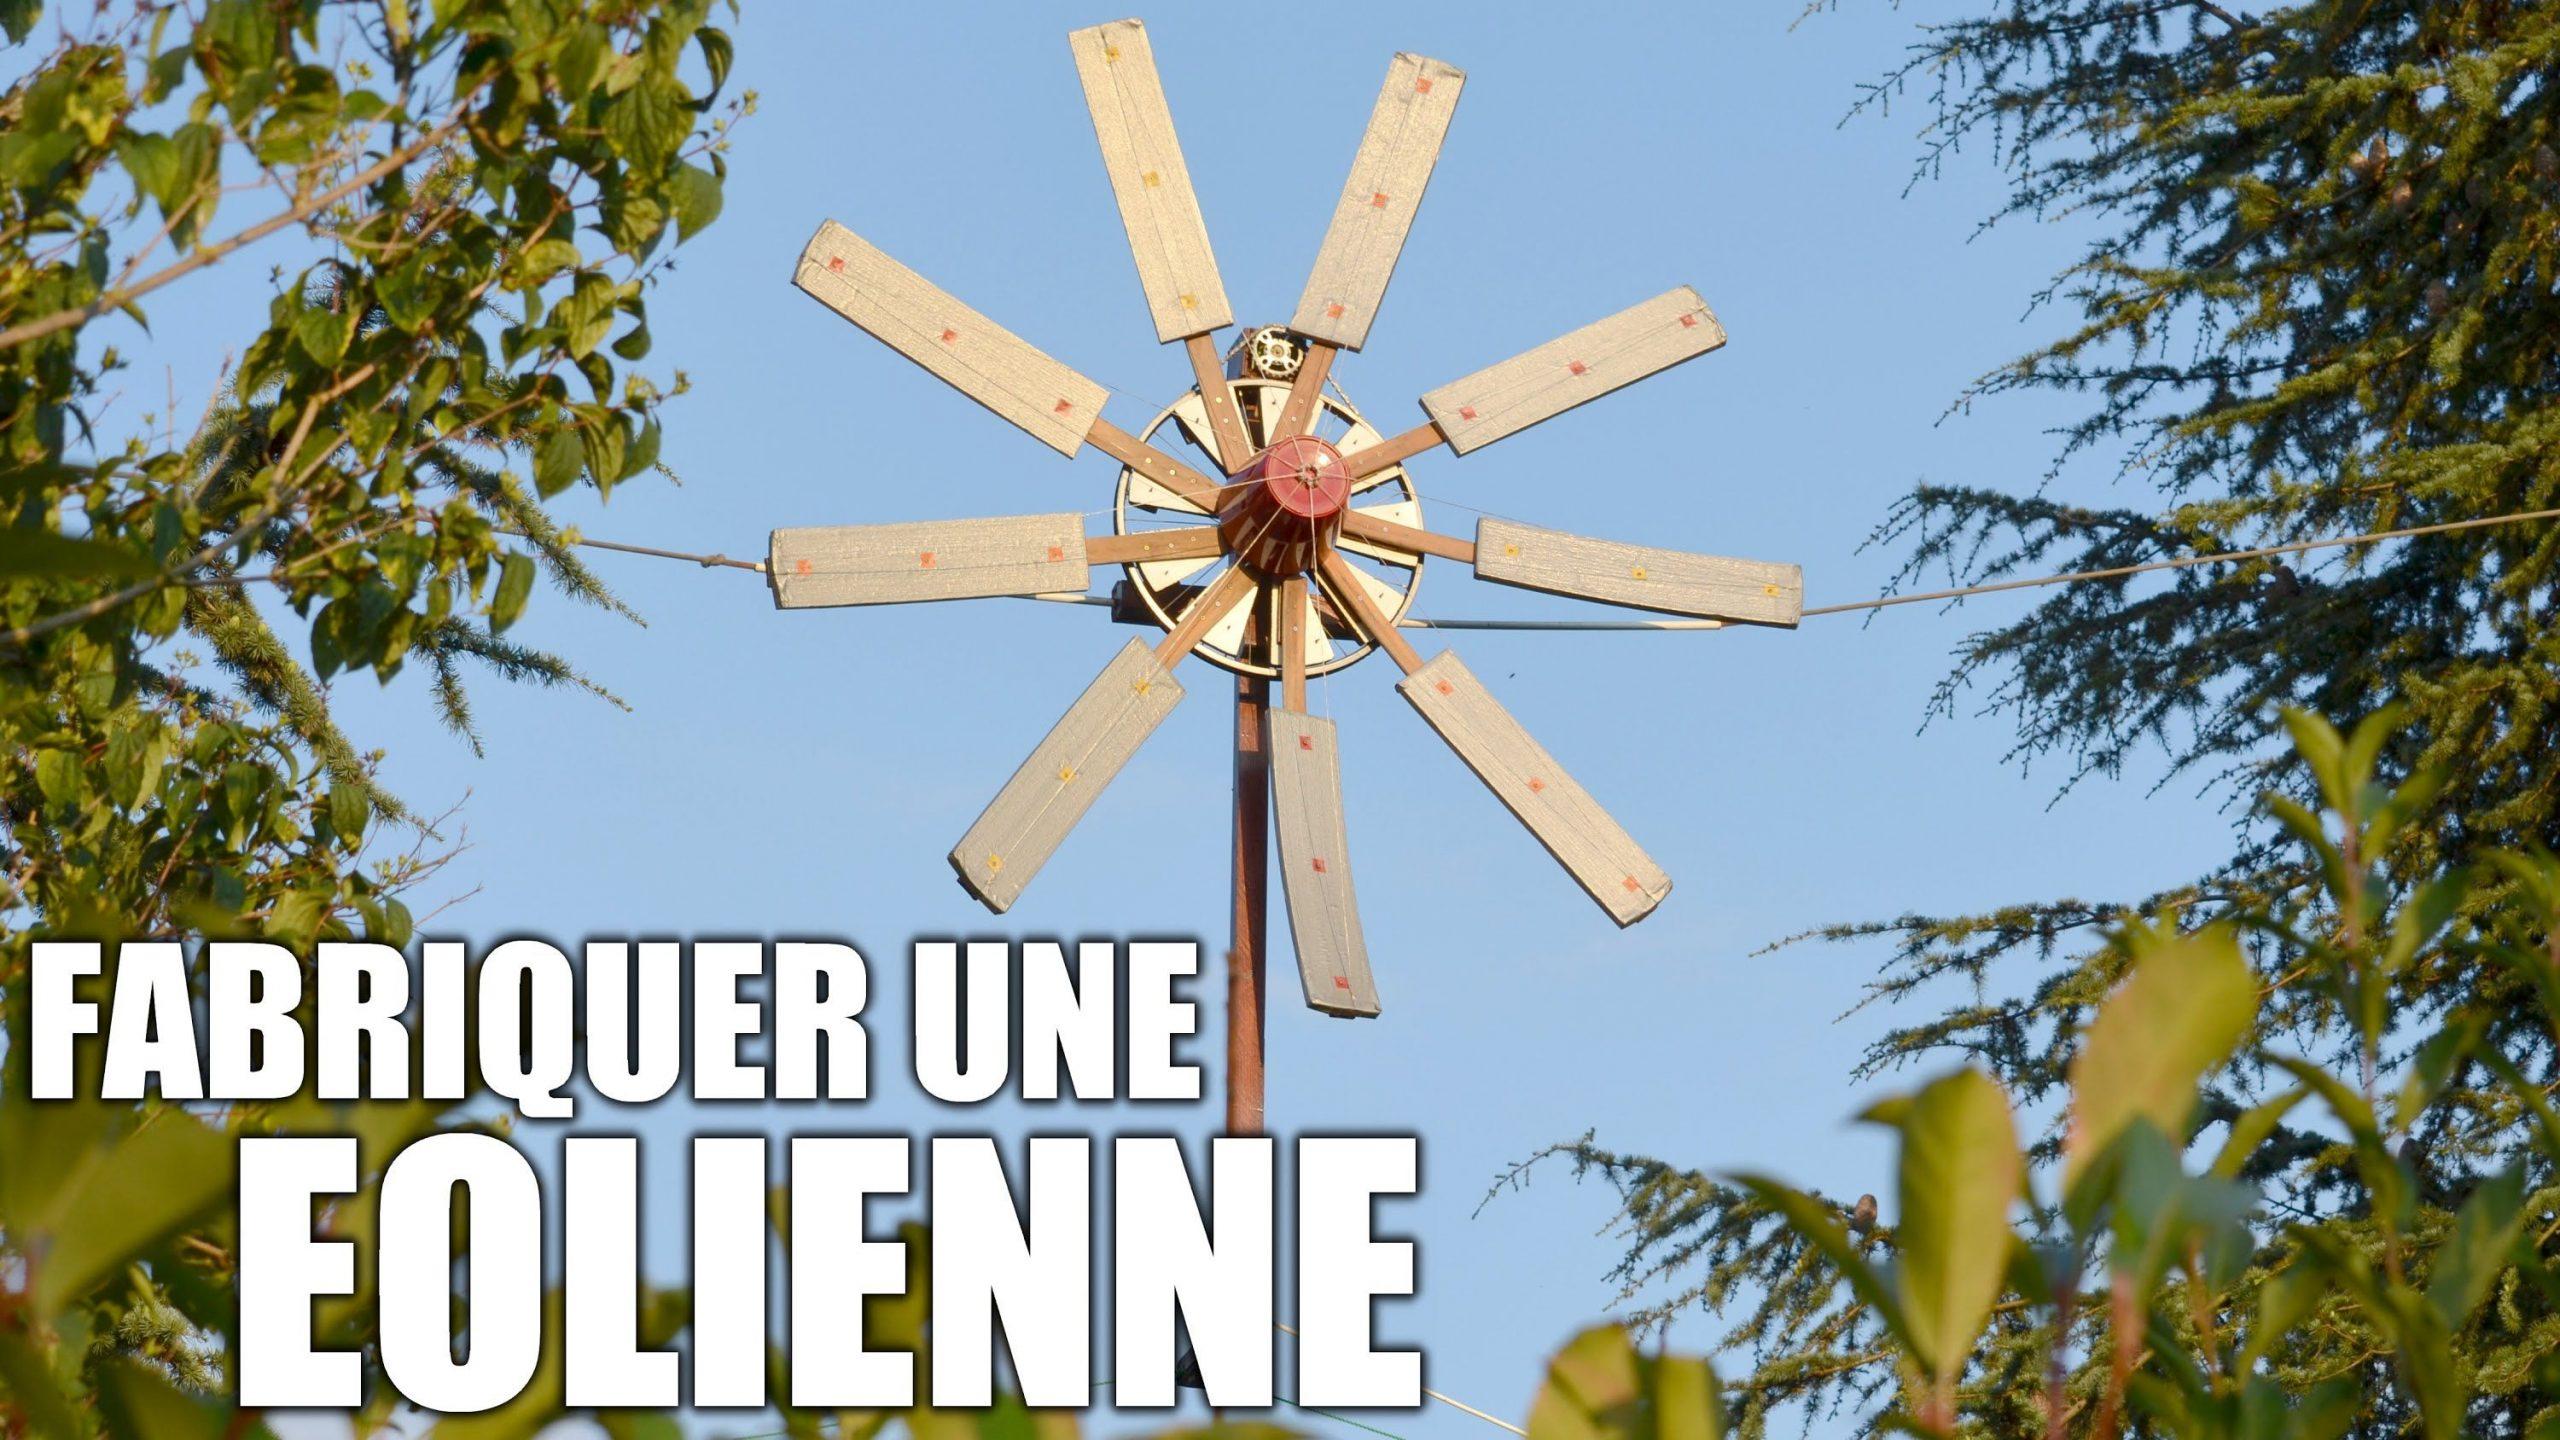 Fabriquer Une Éolienne : Incroyables Expériences [85 ... tout Eolienne De Jardin